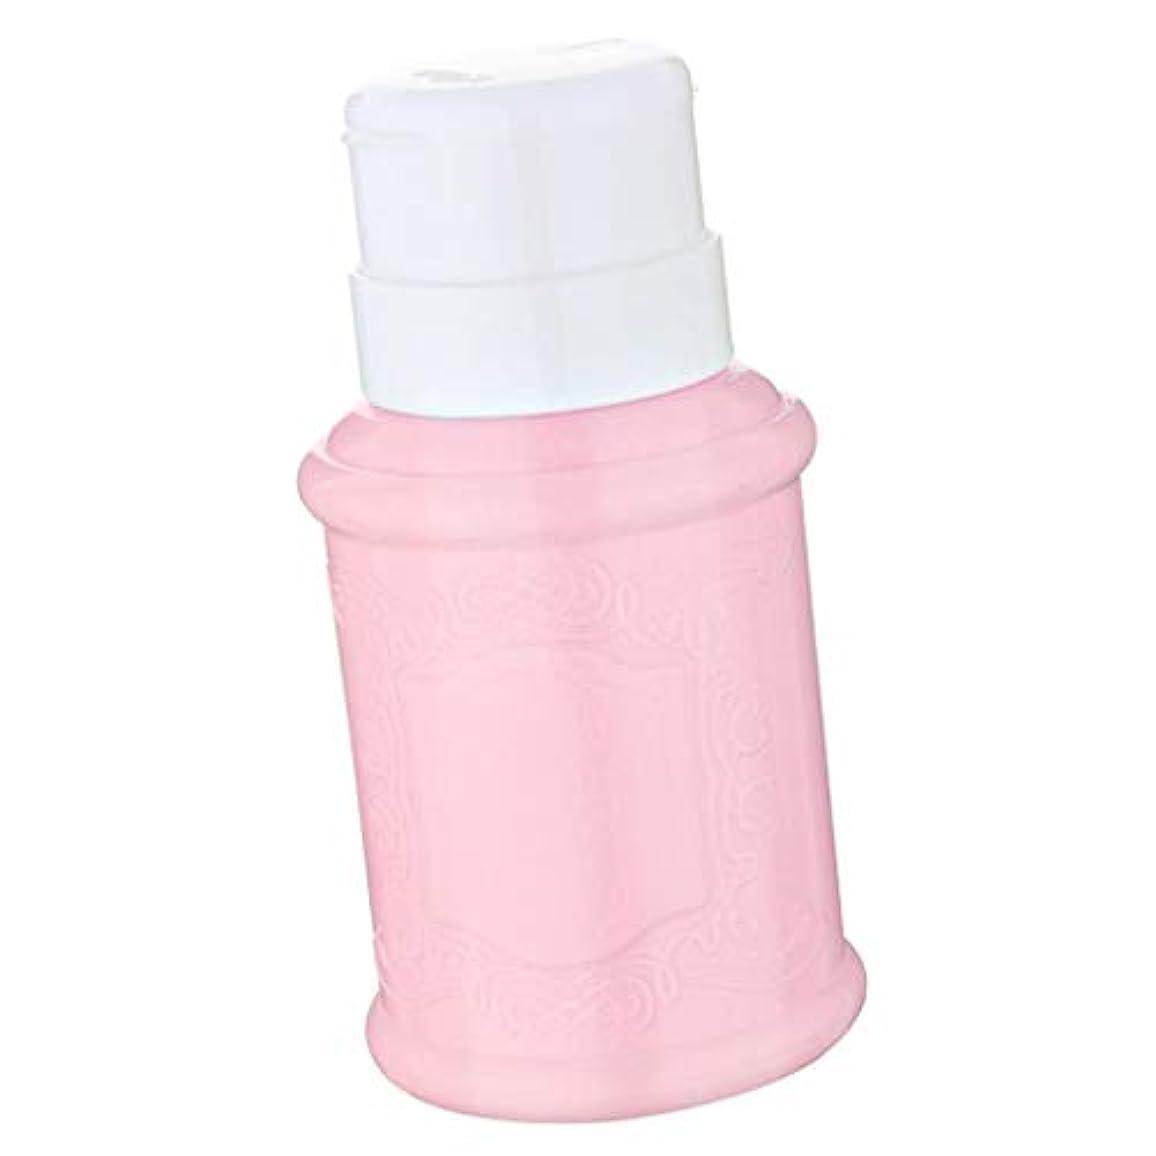 ガードテクトニック検体ポンプディスペンサー ネイル リットル空ポンプ ネイルクリーナーボトル 全3色 - ピンク